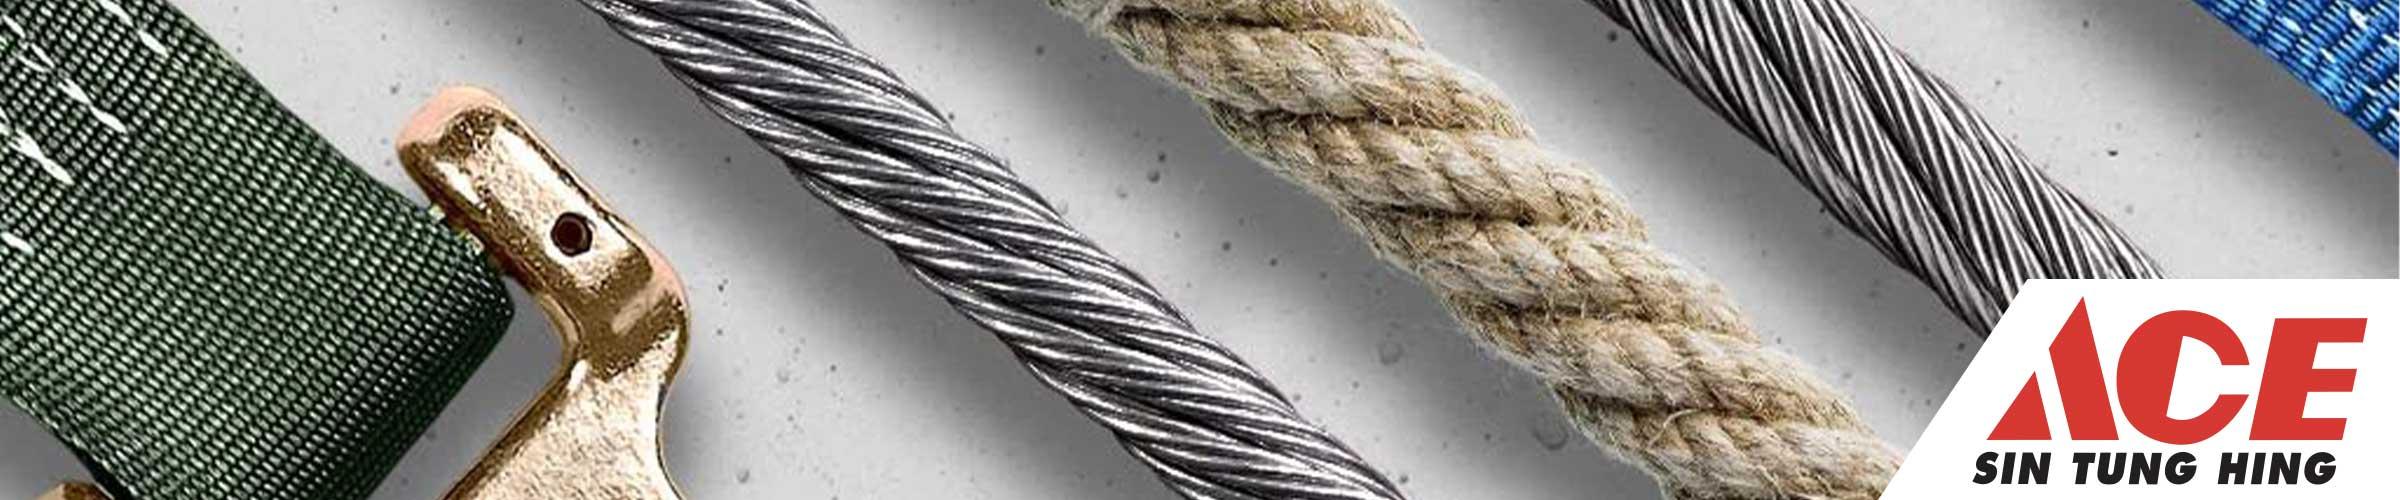 """Image illustrant la sous-catégorie """"Cordes, chaînes & câbles"""""""